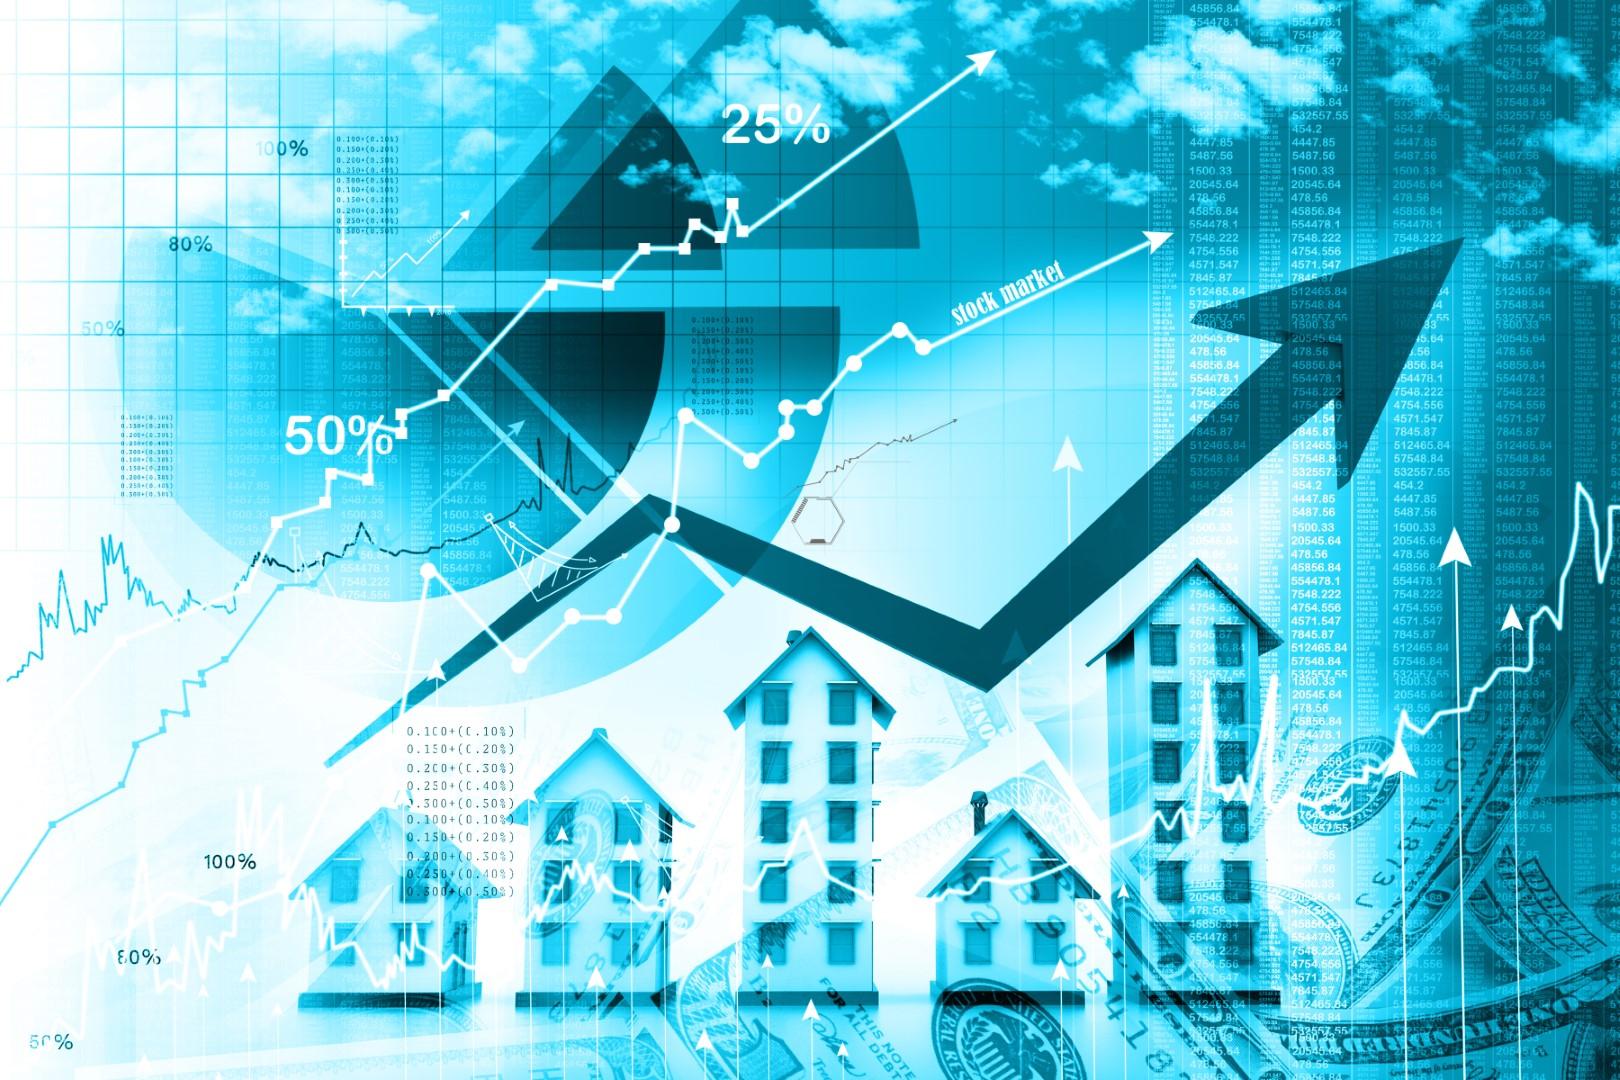 Η Ελλάδα απλοποίησε τη φορολόγηση για νέους κατοίκους - επενδυτές